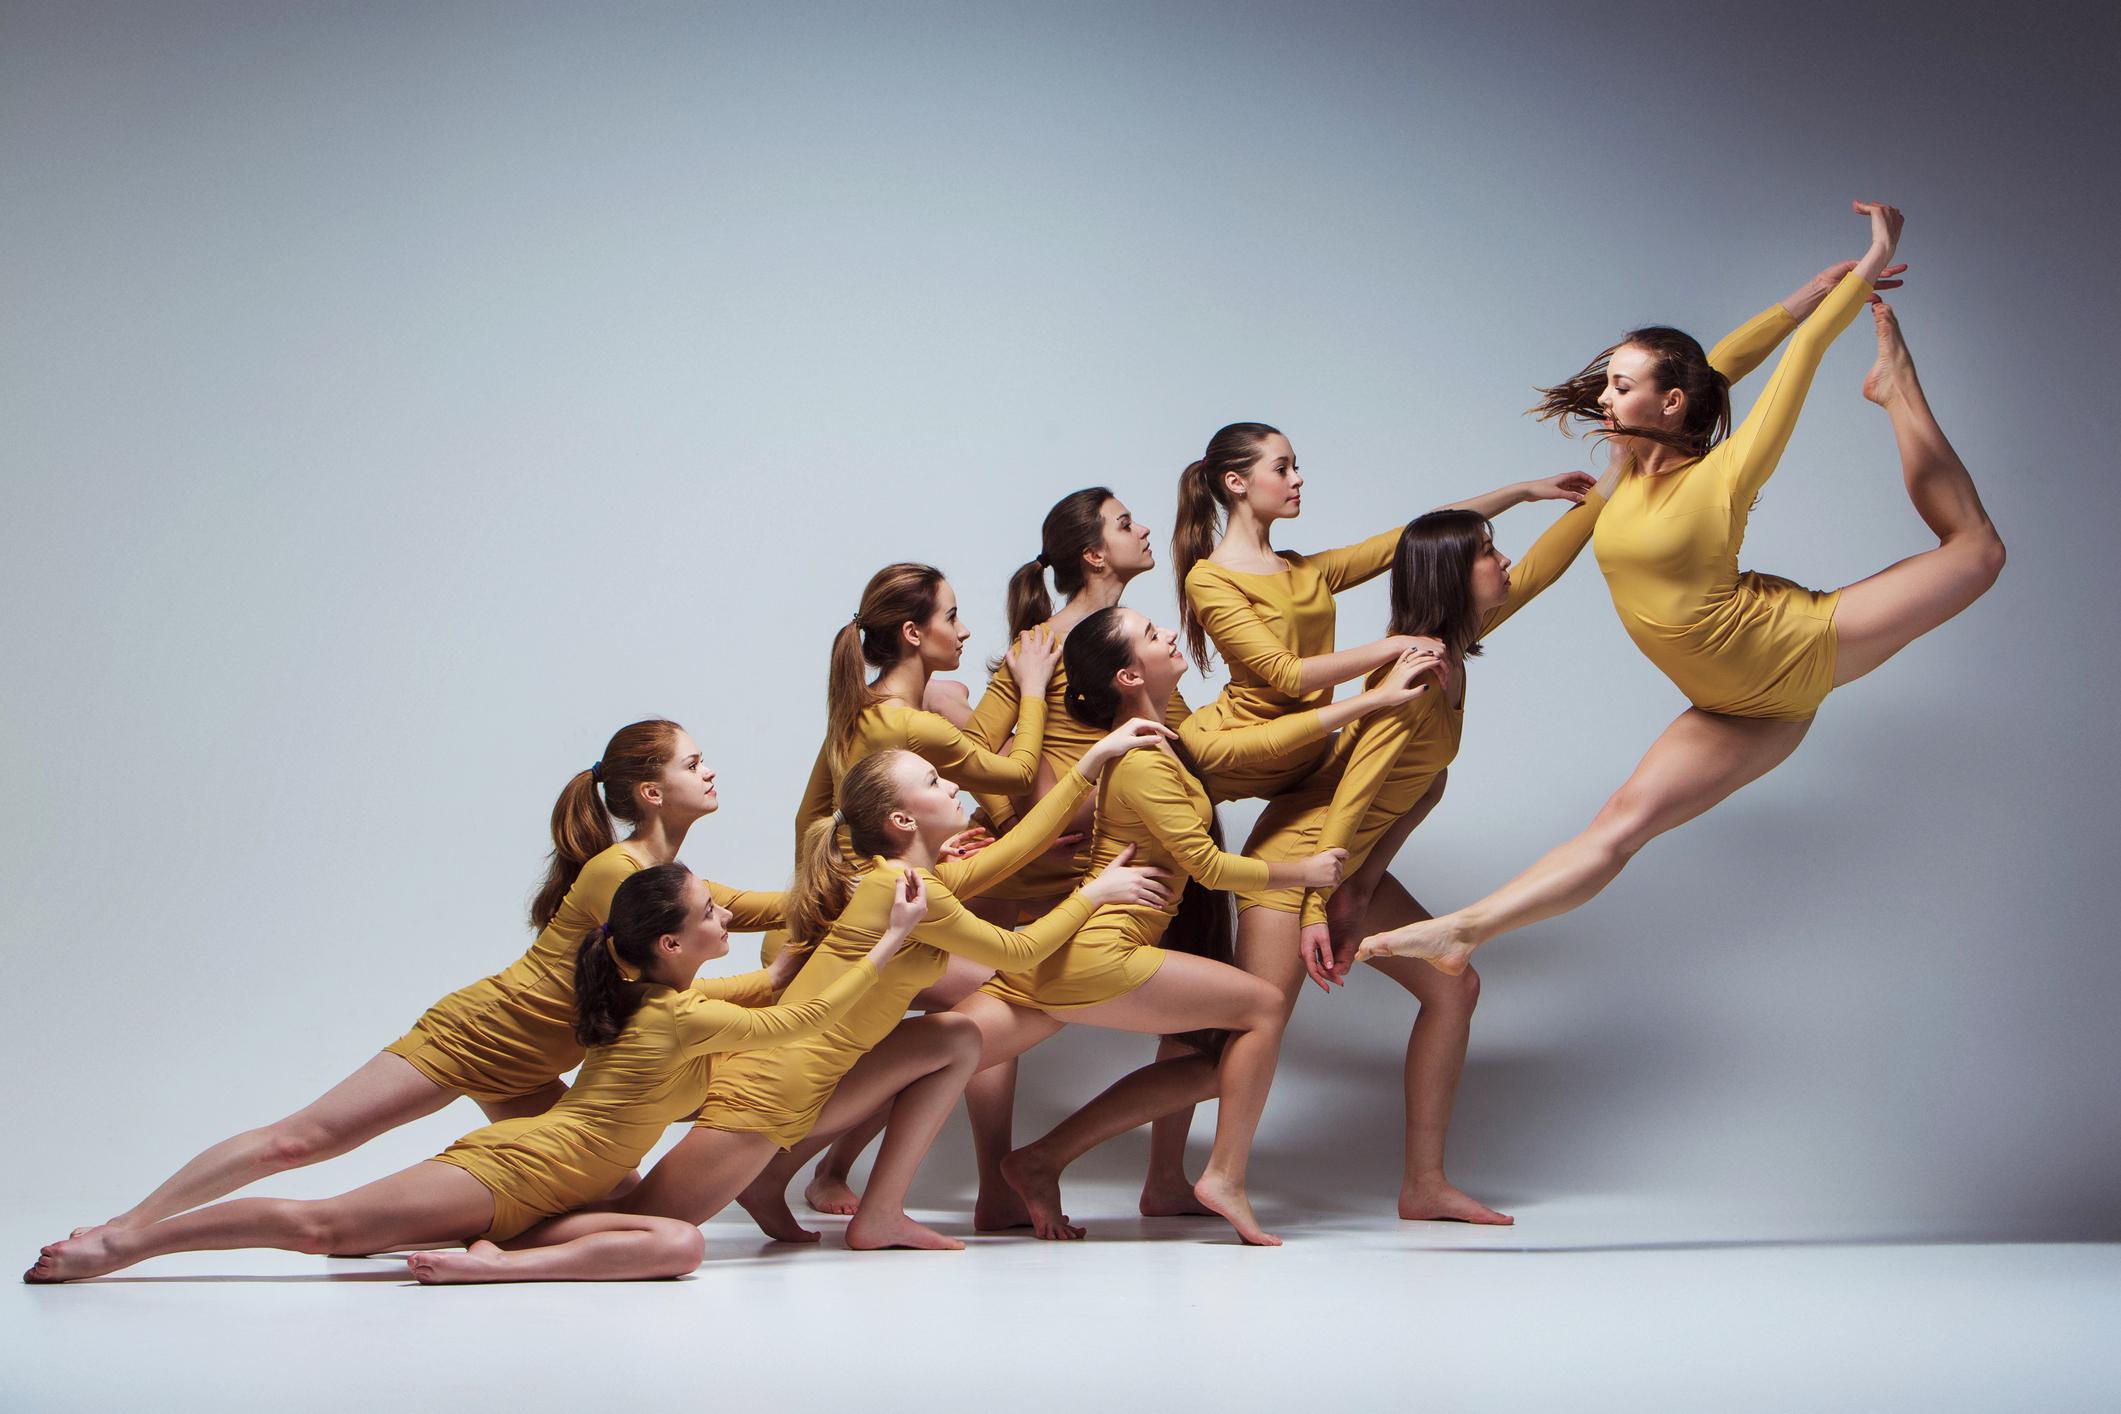 il-gruppo-di-ballerini-di-balletto-modernojpg